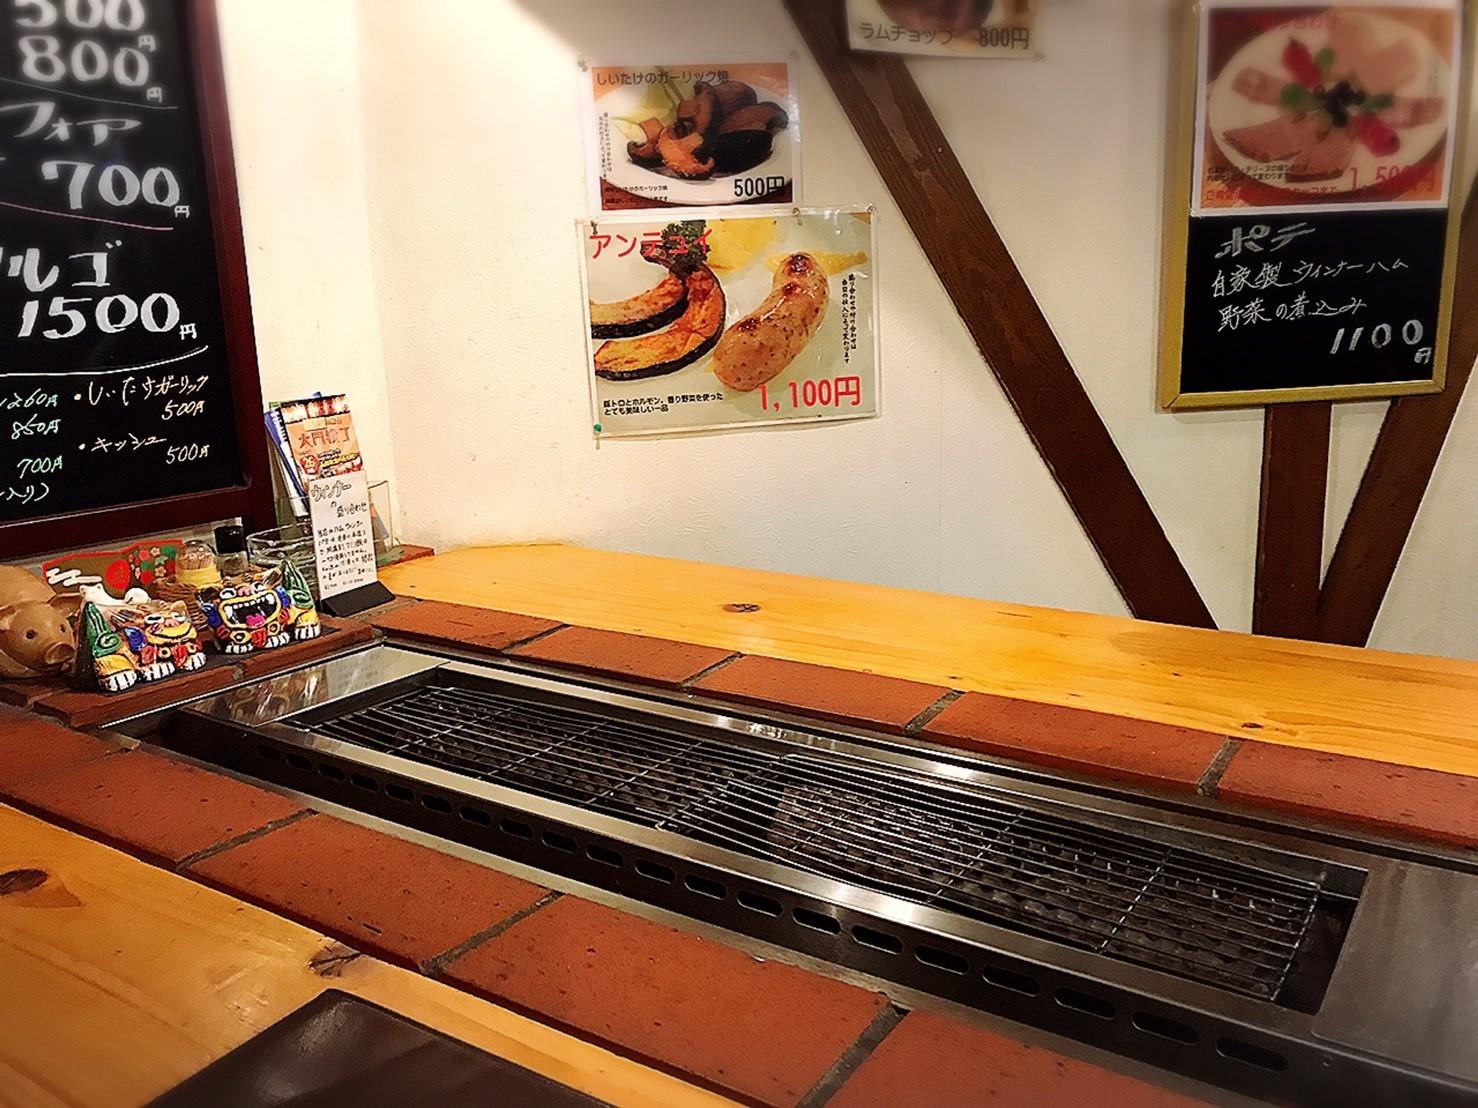 デリカレストラン LA BUVETTE (大門横丁)/函館市_c0378174_18474500.jpg